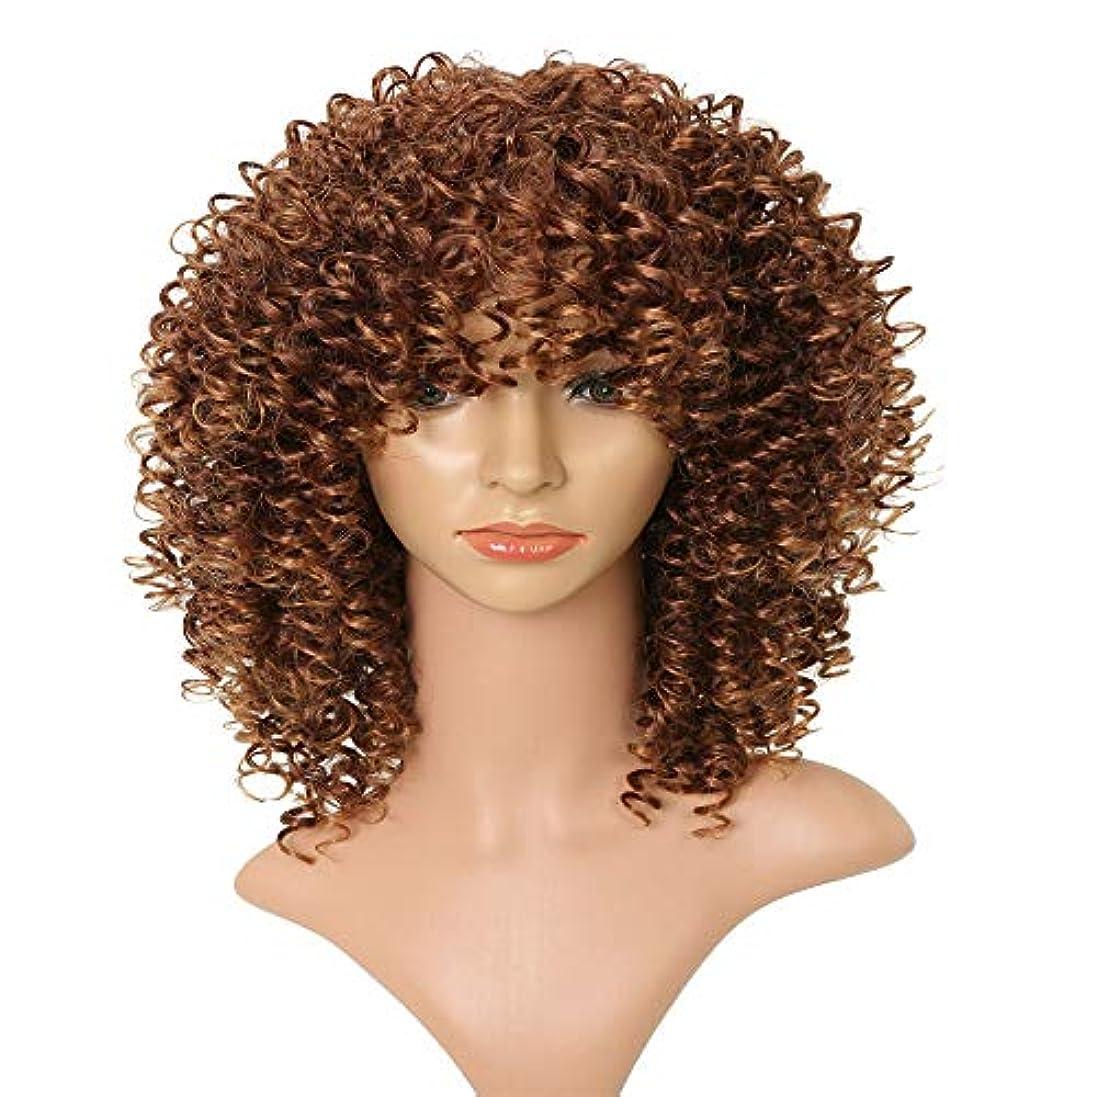 合理的ブラウザ湿気の多いフェザーエクステンションブラウン女性用カーリーキンキーオンブルブロンドネイチャーブラウンアフリカ合成かつら高温シルク繊維フード16インチ